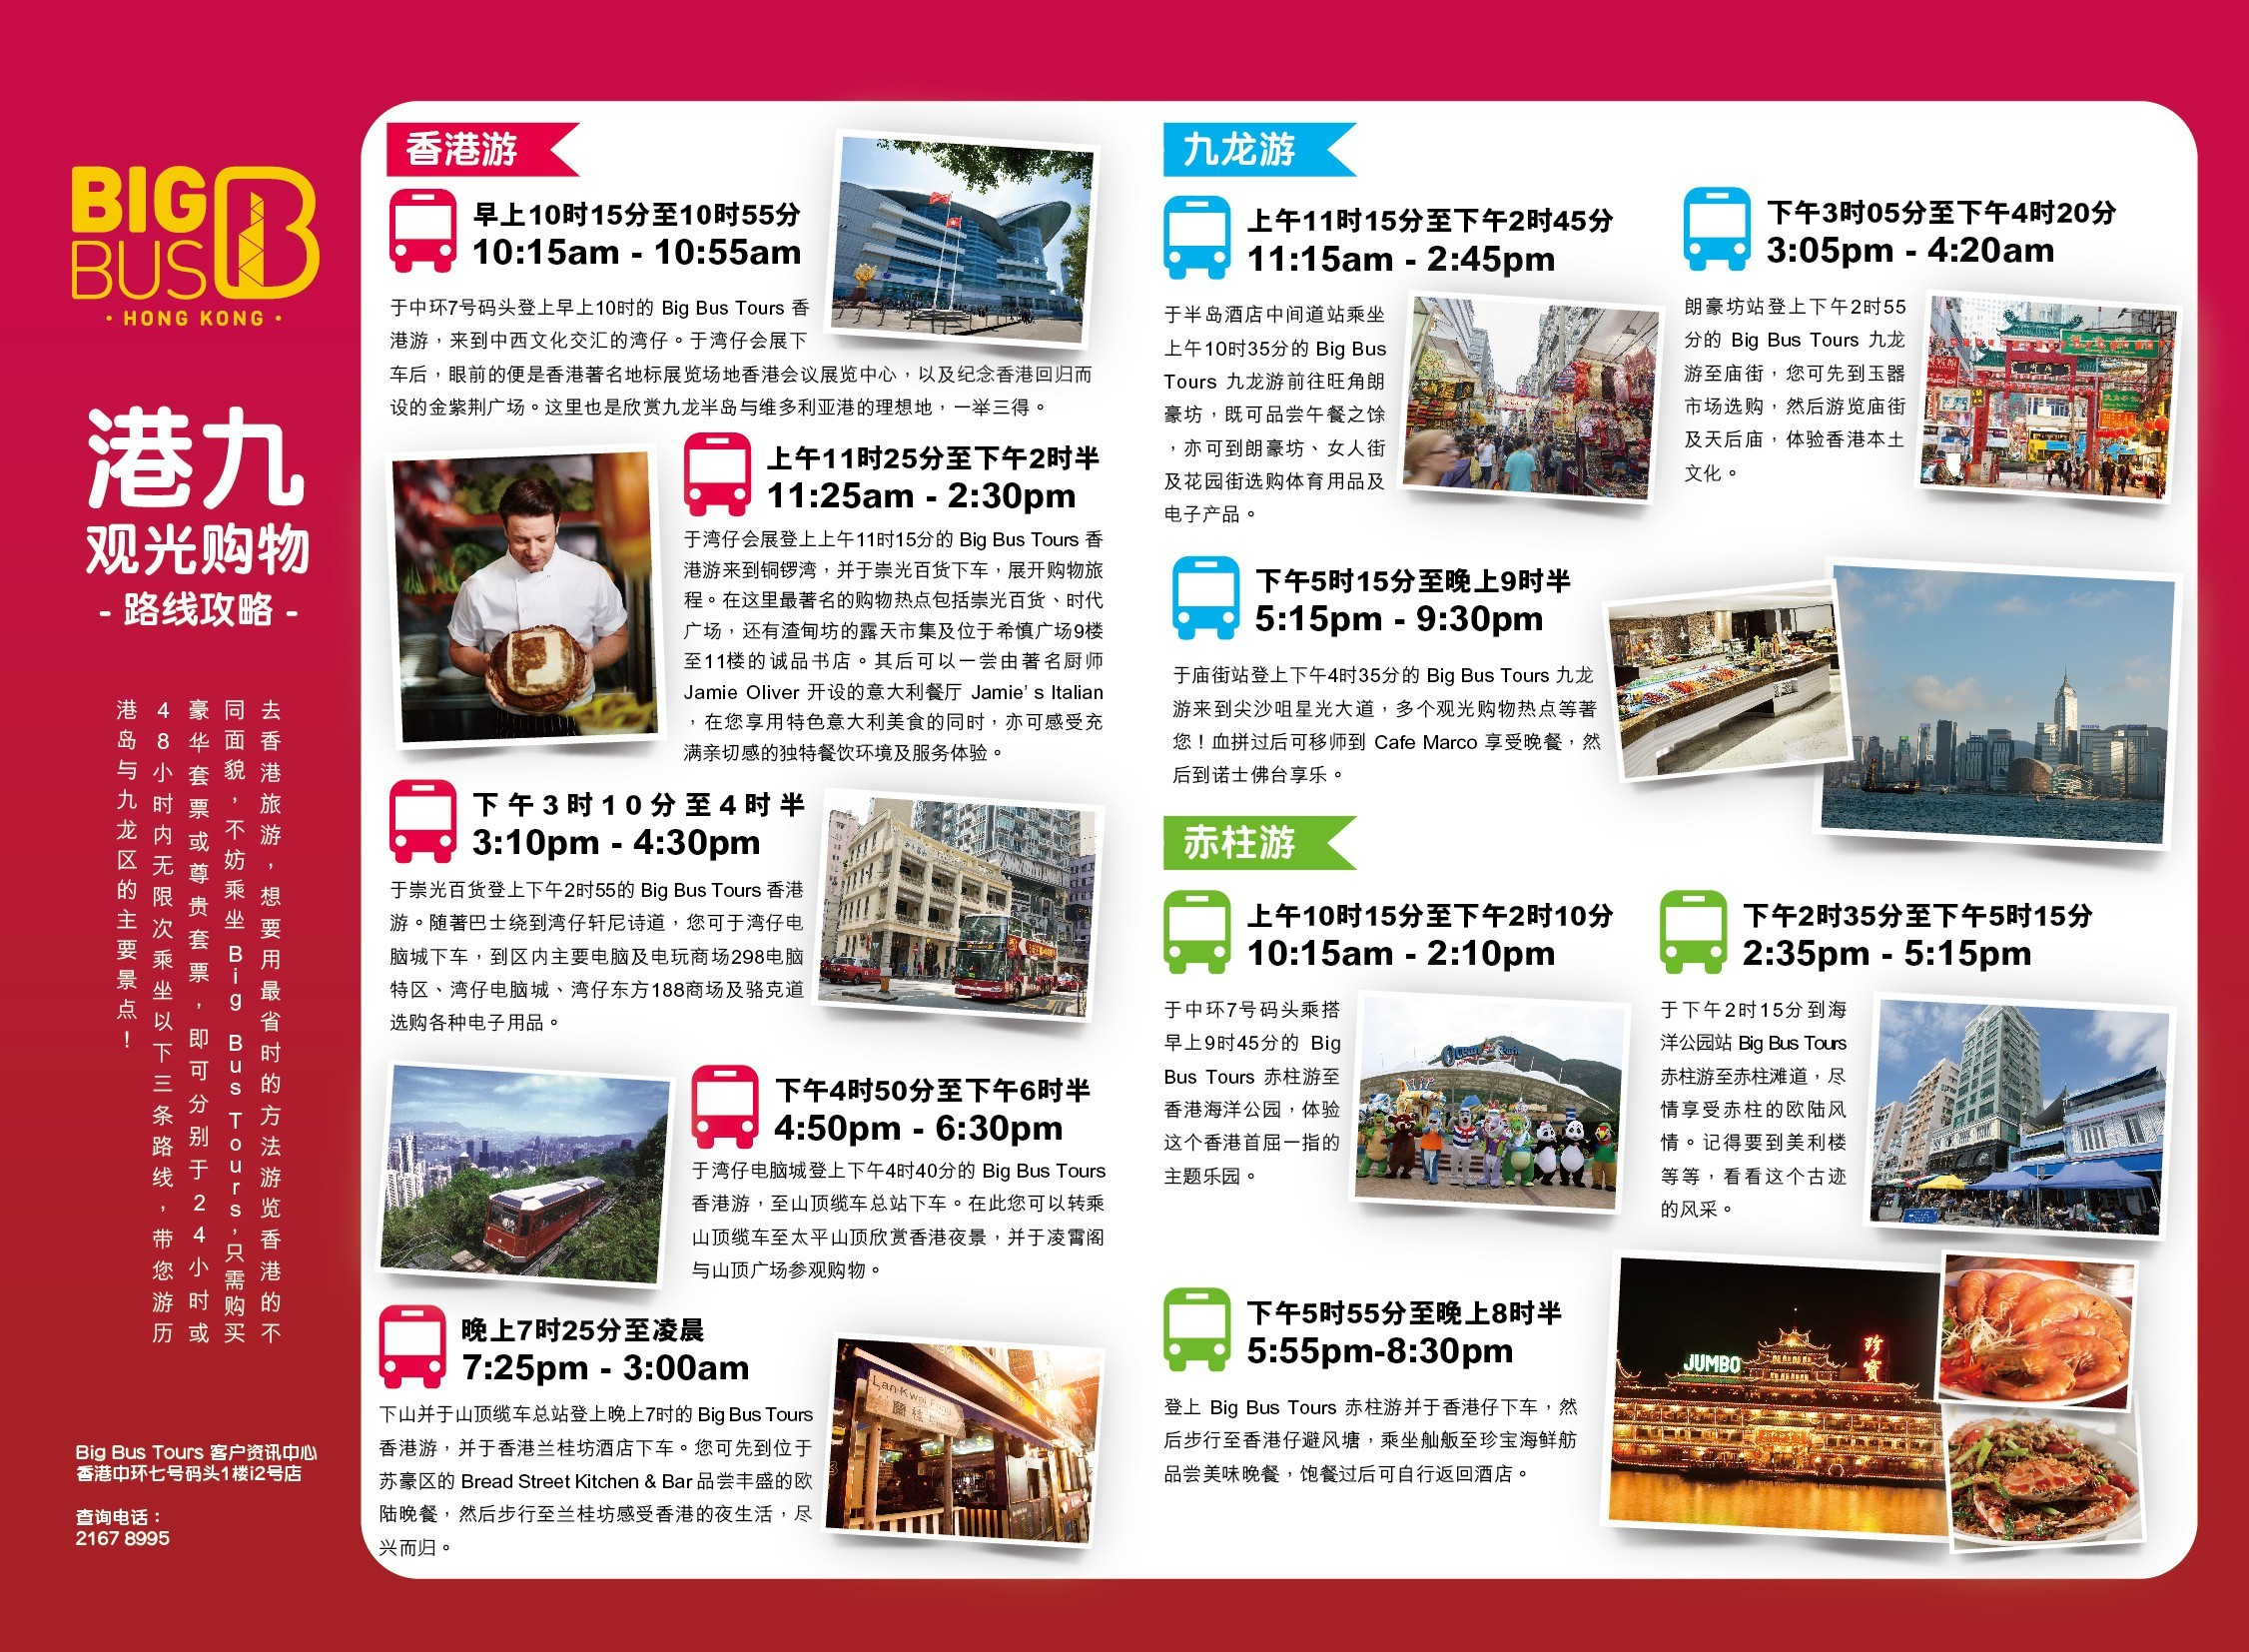 香港大巴士遊BIG BUS車票,香港BIG BUS觀光巴士路線,香港BIG BUS觀光巴士一日遊